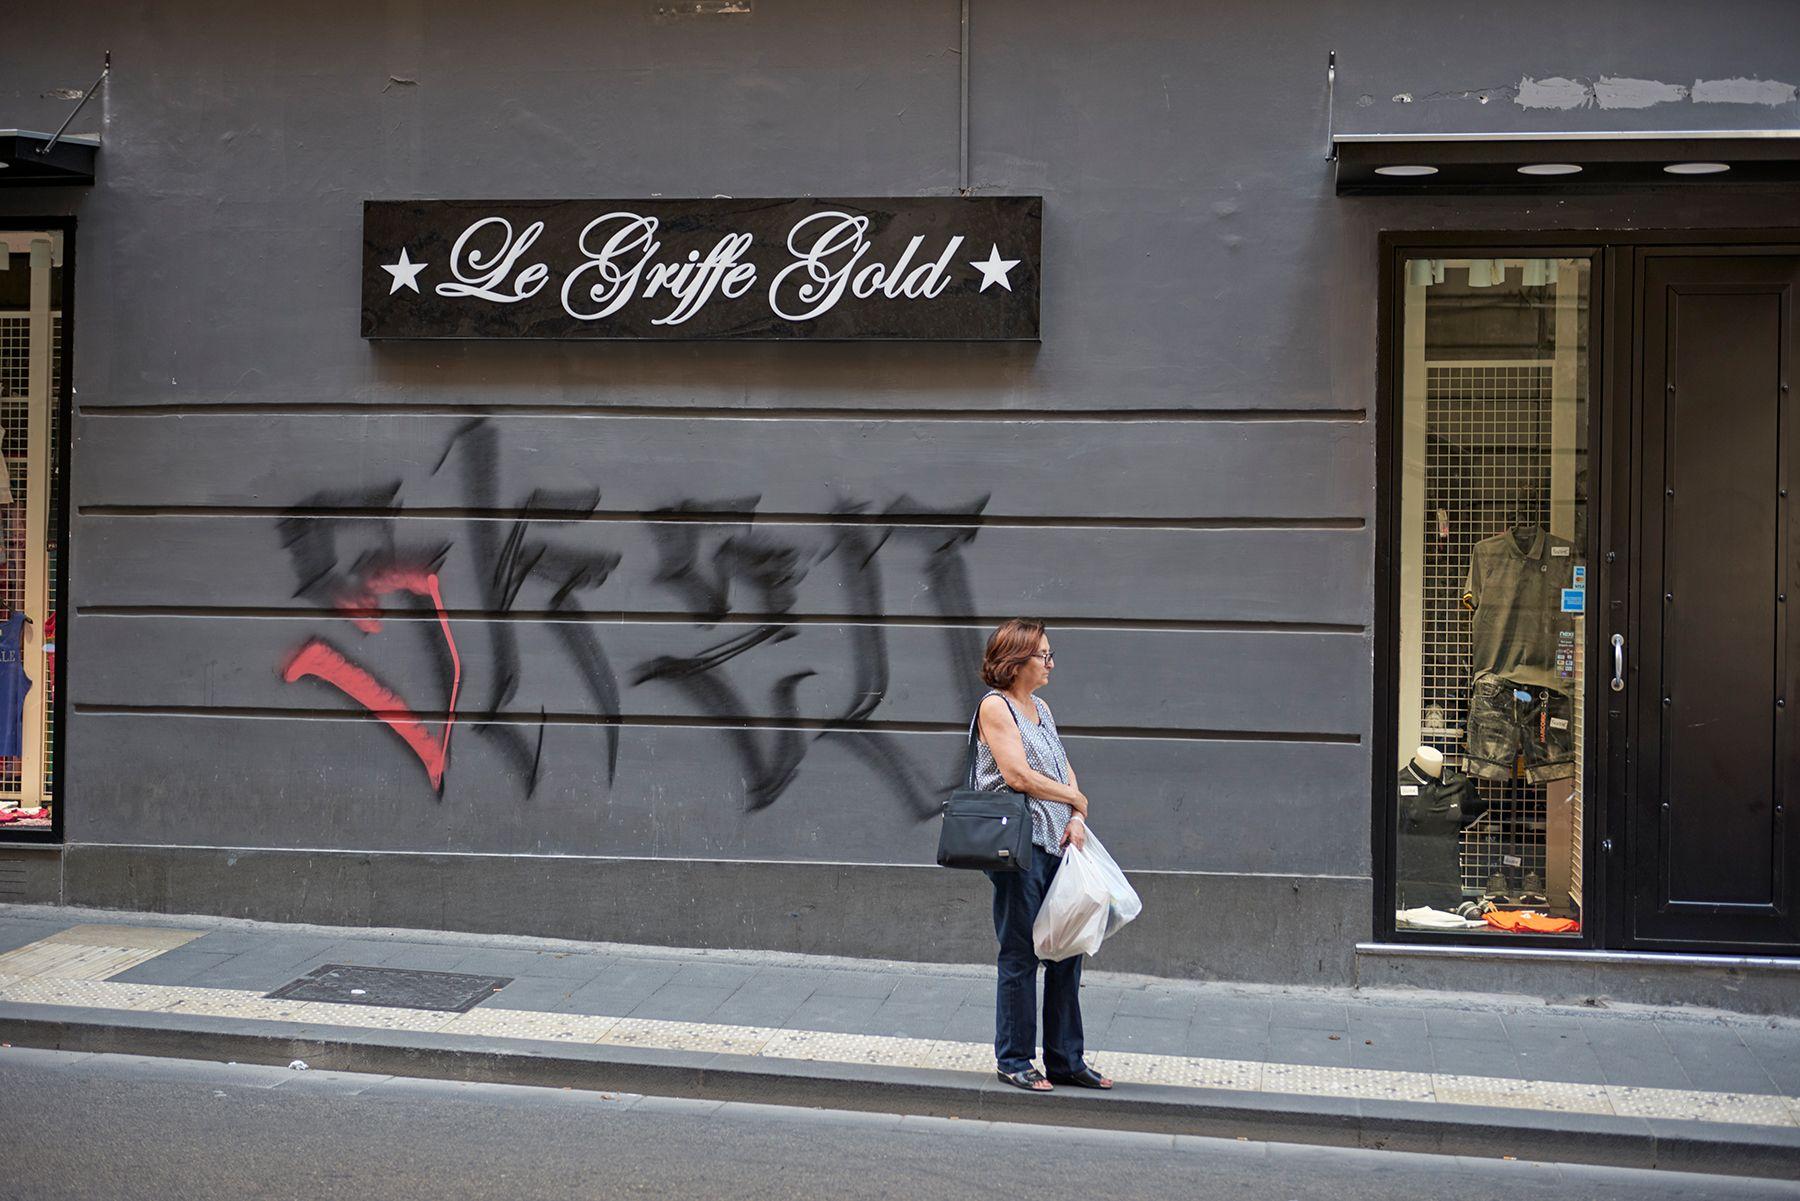 Le Griffe Gold